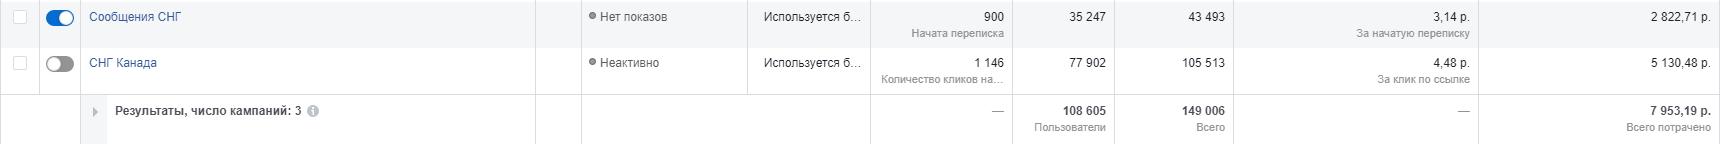 Заявки для Визового центра. 3 РУБЛЯ ЗА ЛИД!